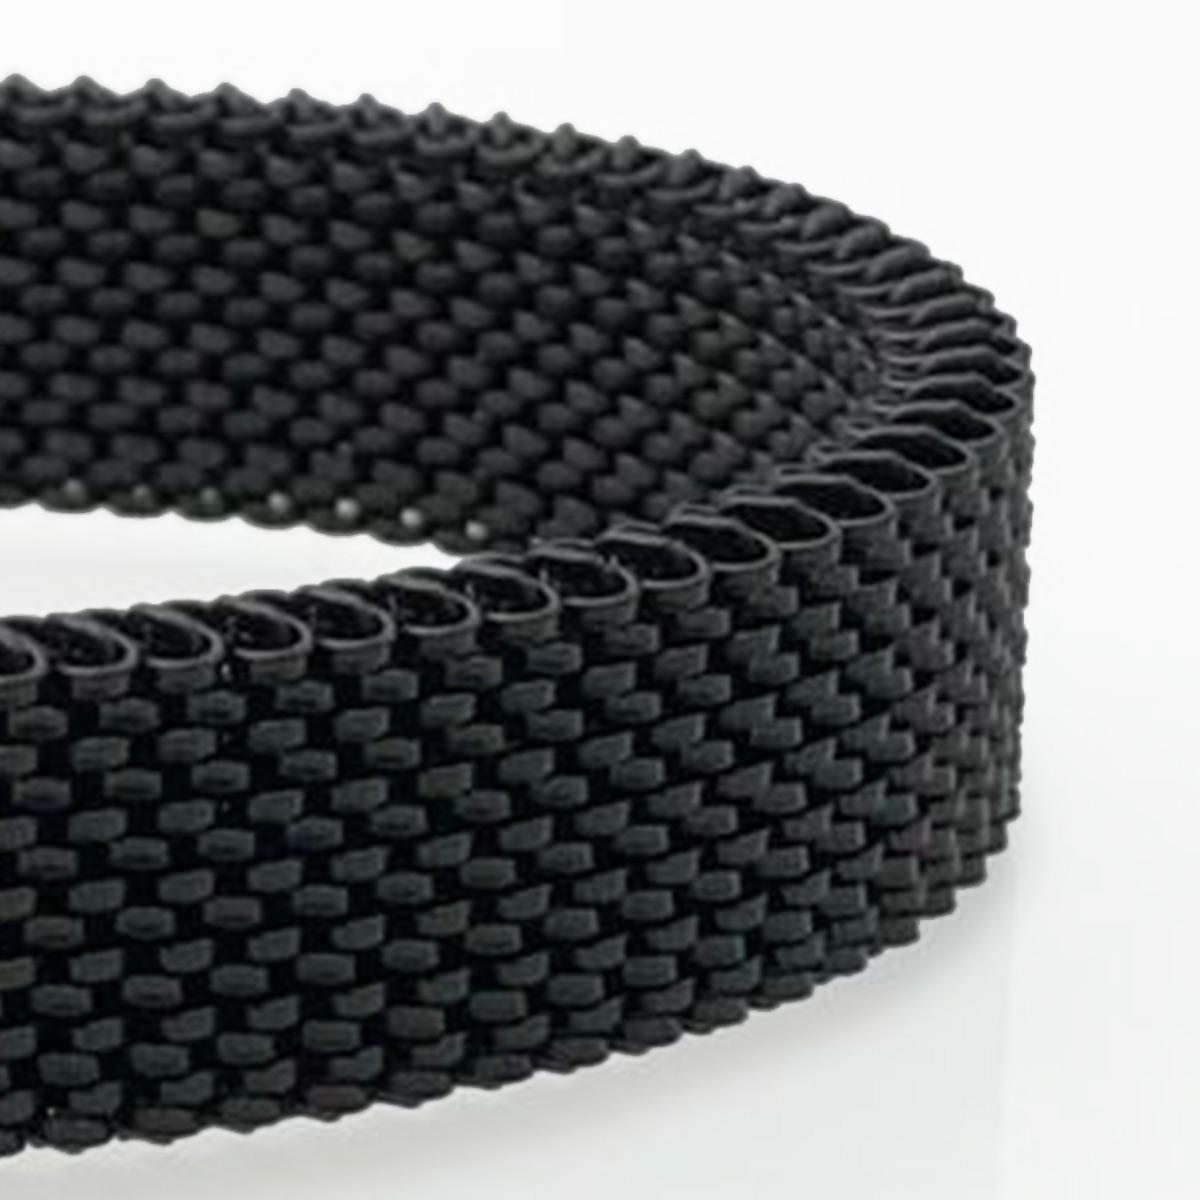 Gioielli-Roan-Preziosi-acciaio-nero